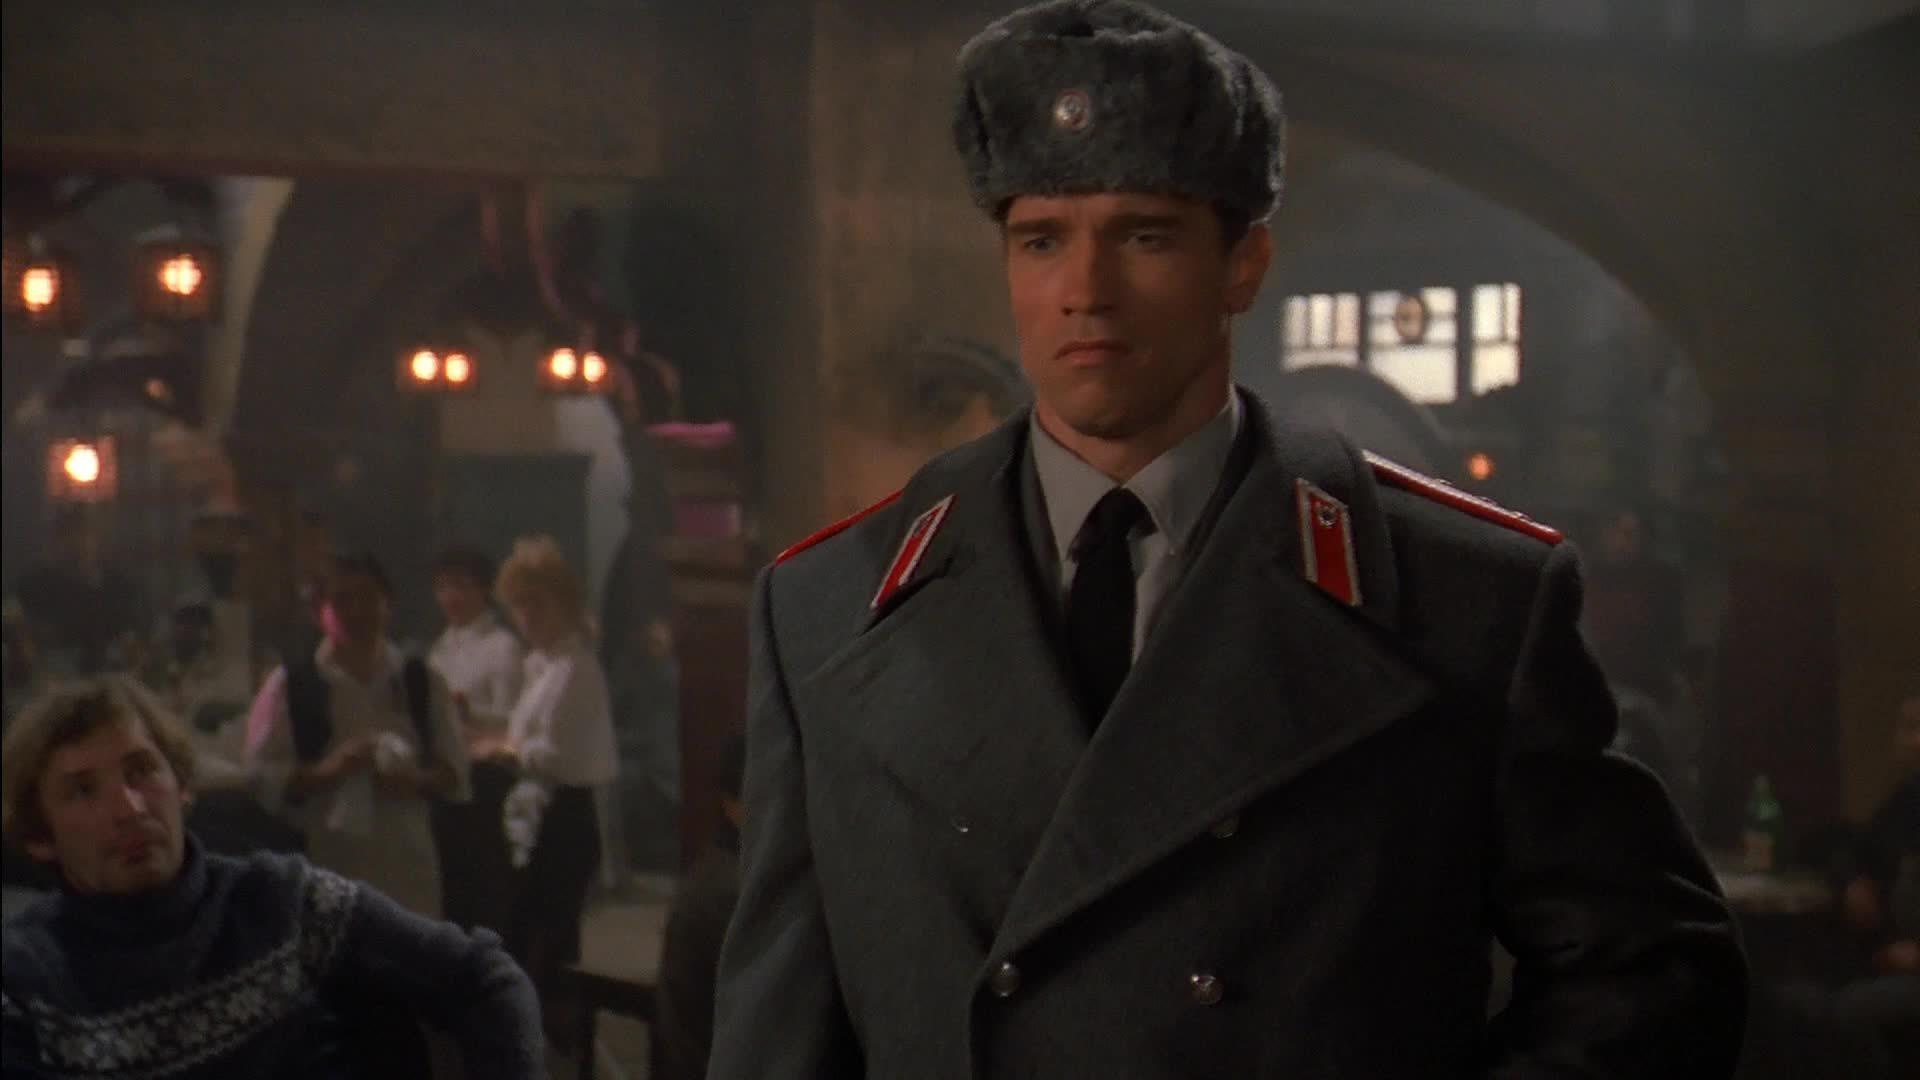 Arnold Schwarzenegger, fullcommunism, A Valentine for you, Comrade (reddit) GIFs